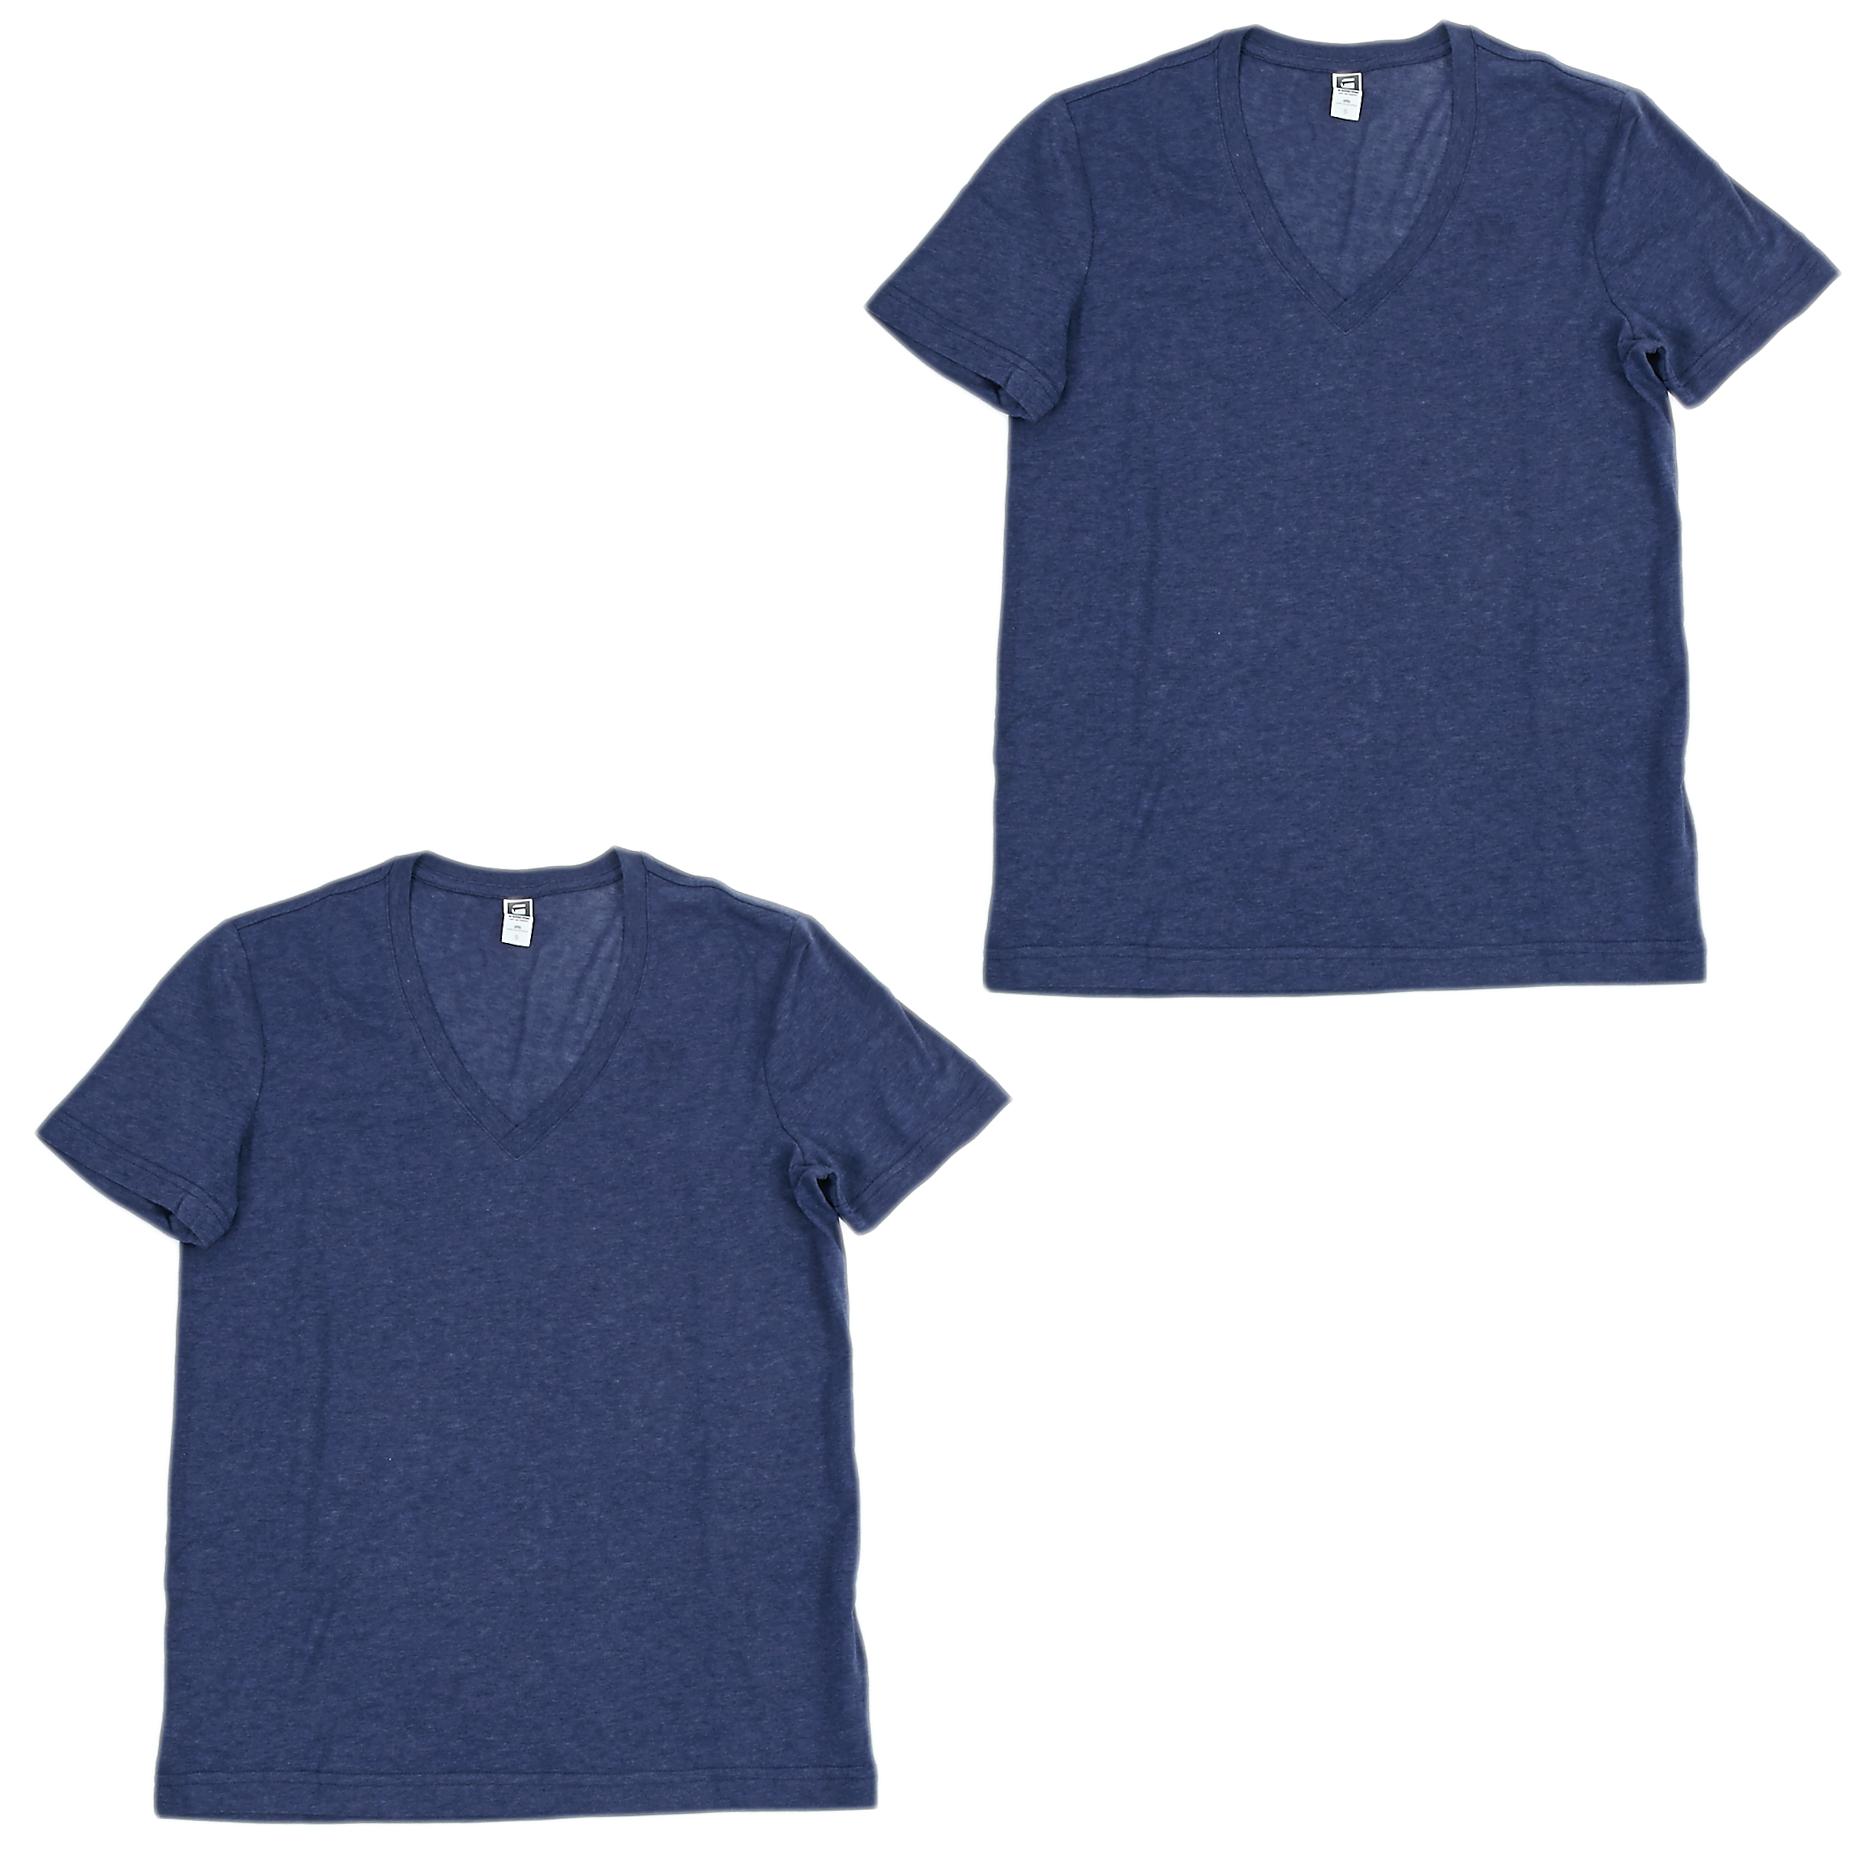 G-STAR RAW - Base htr v t s/s 2-pack ανδρικά ρούχα μπλούζες κοντομάνικες